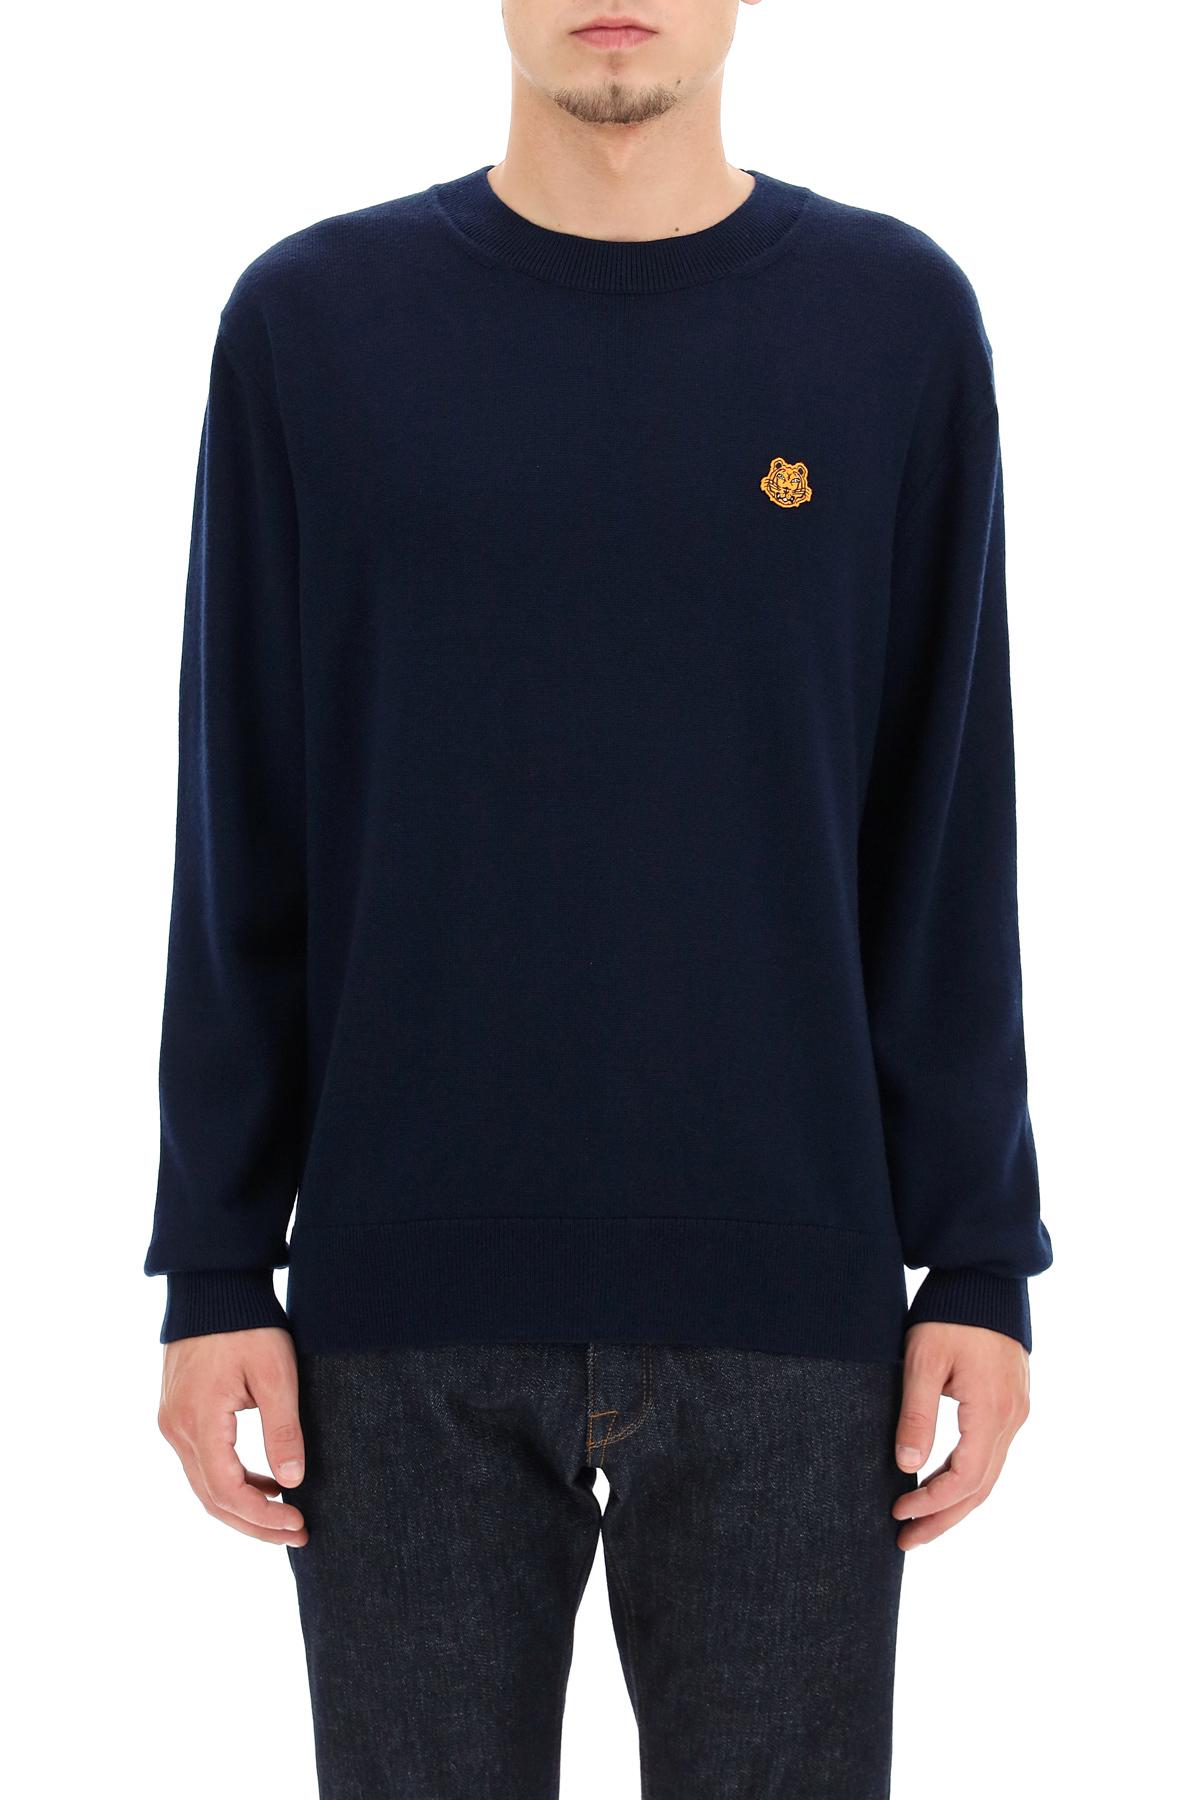 Kenzo maglione tiger crest